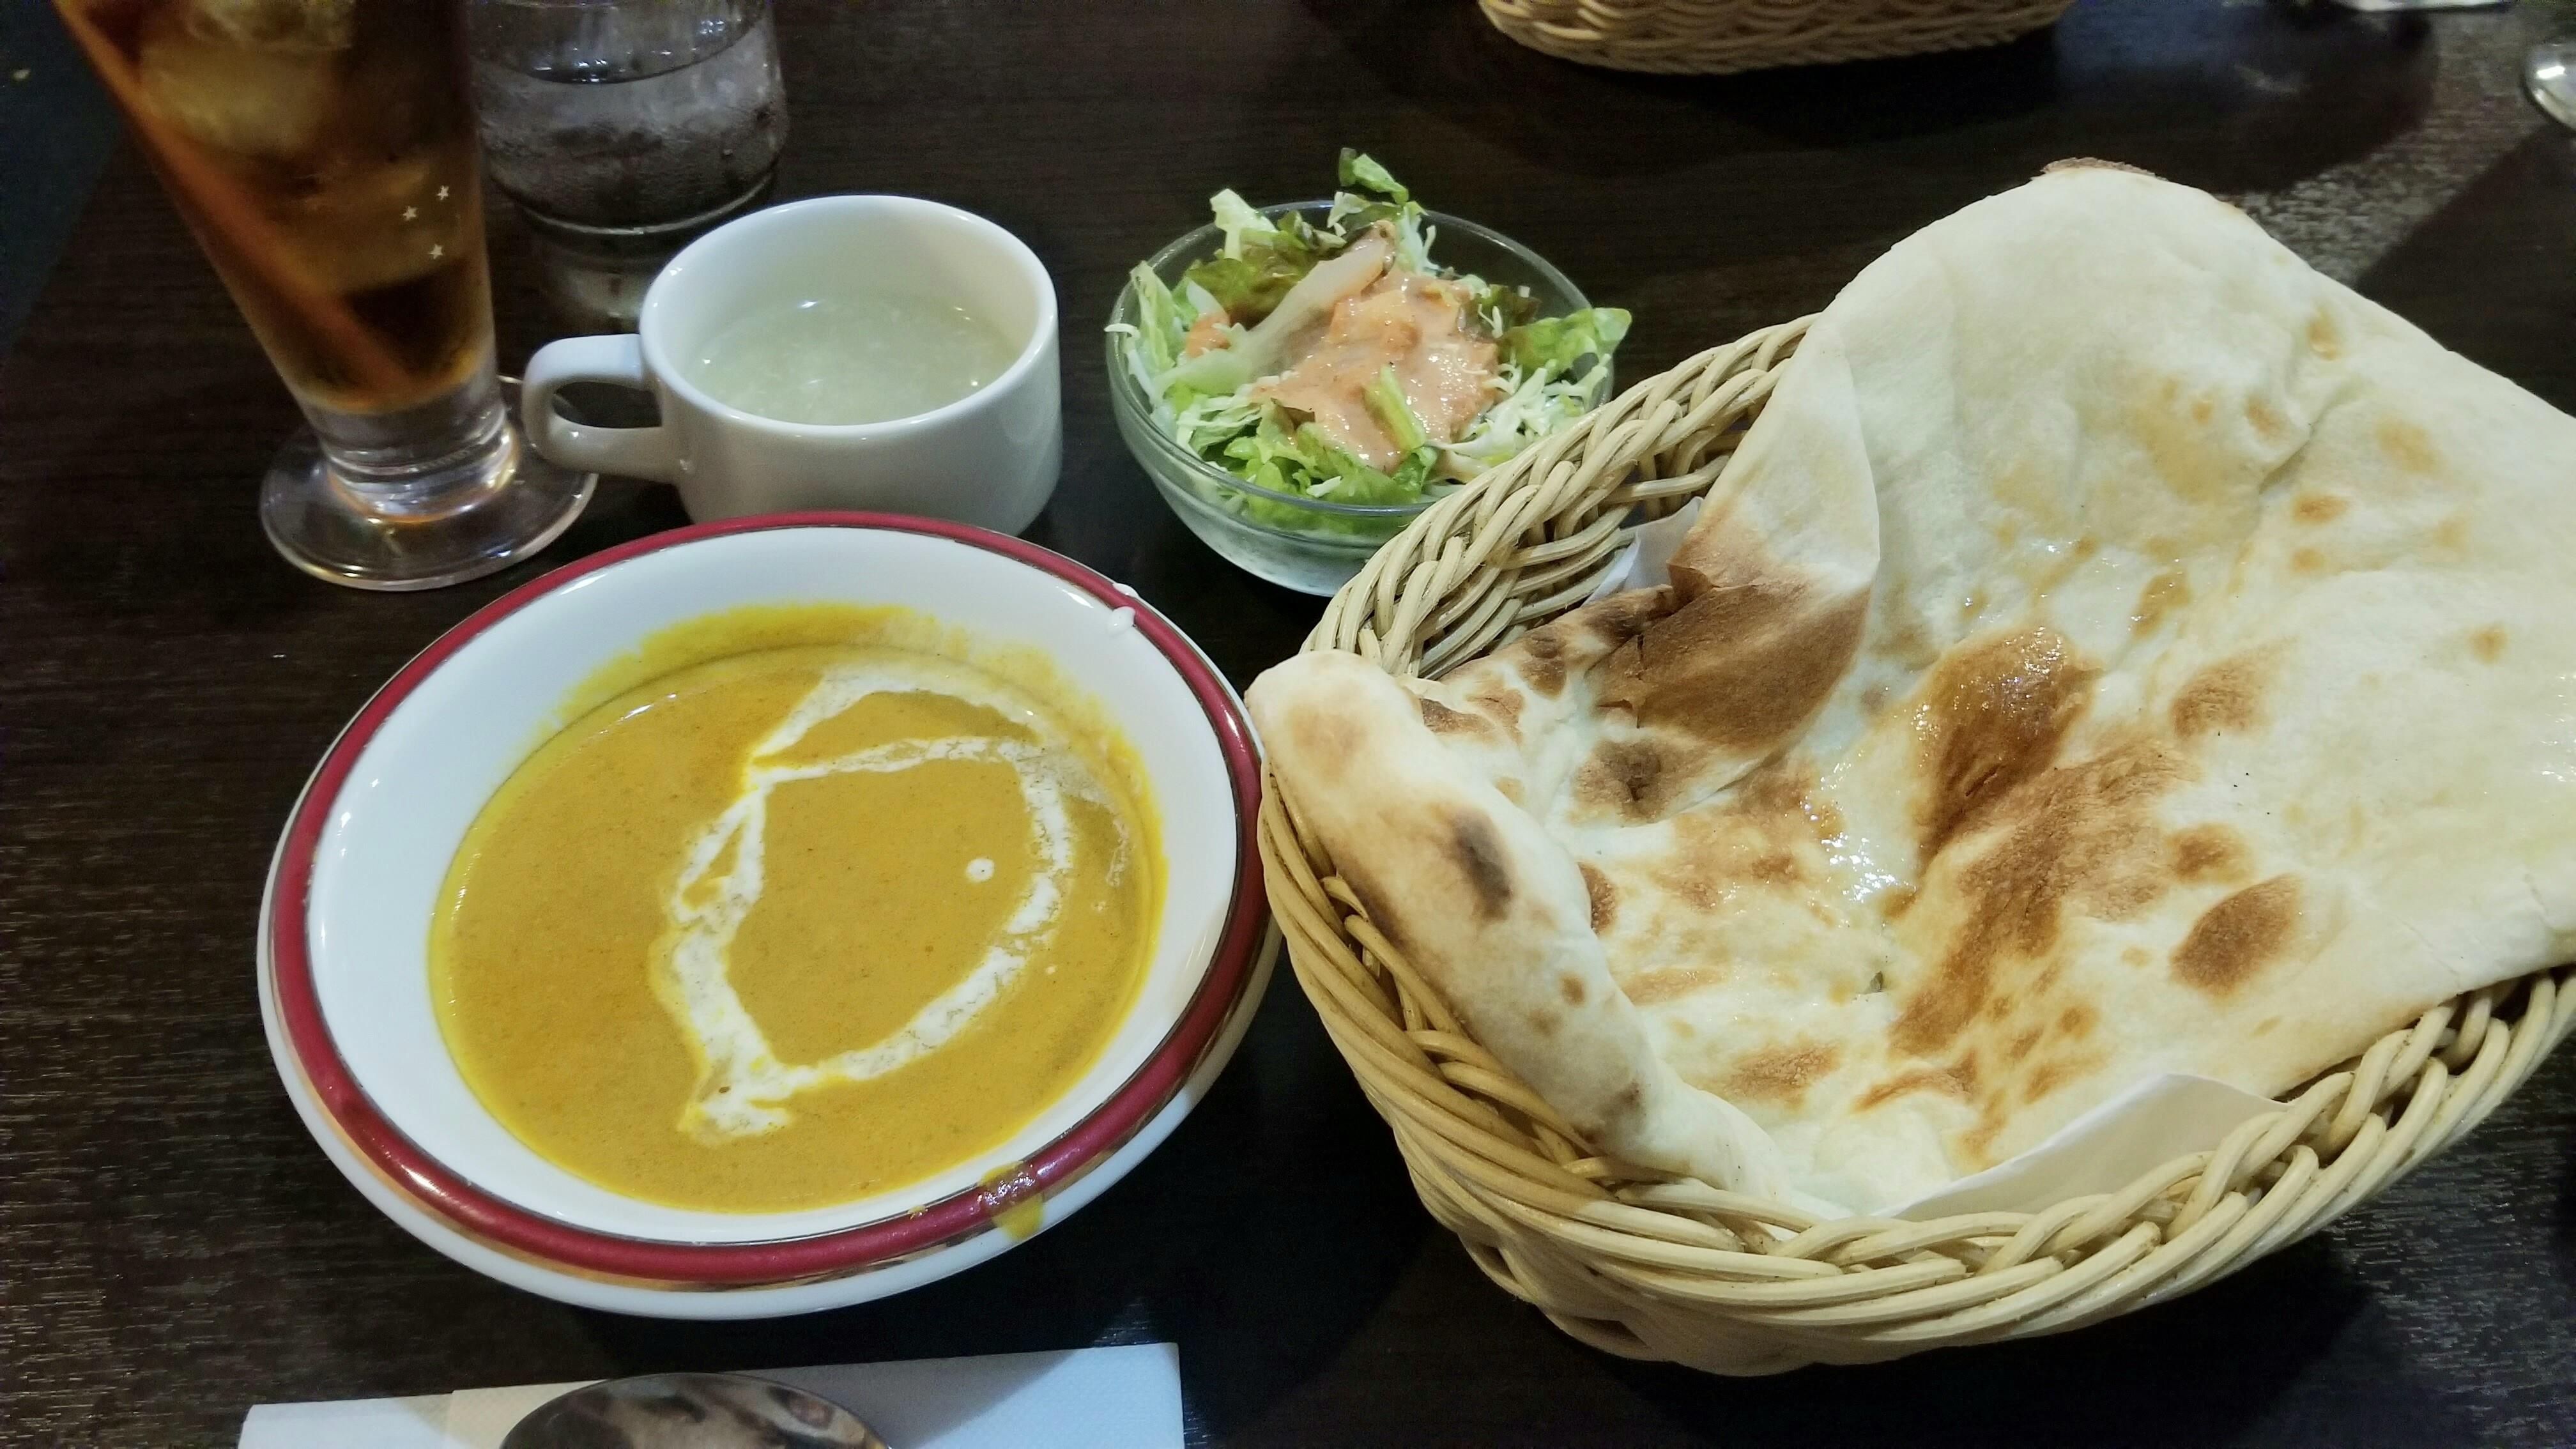 おいしいインドカレーおすすめワンコインランチ愛媛県四国グルメ